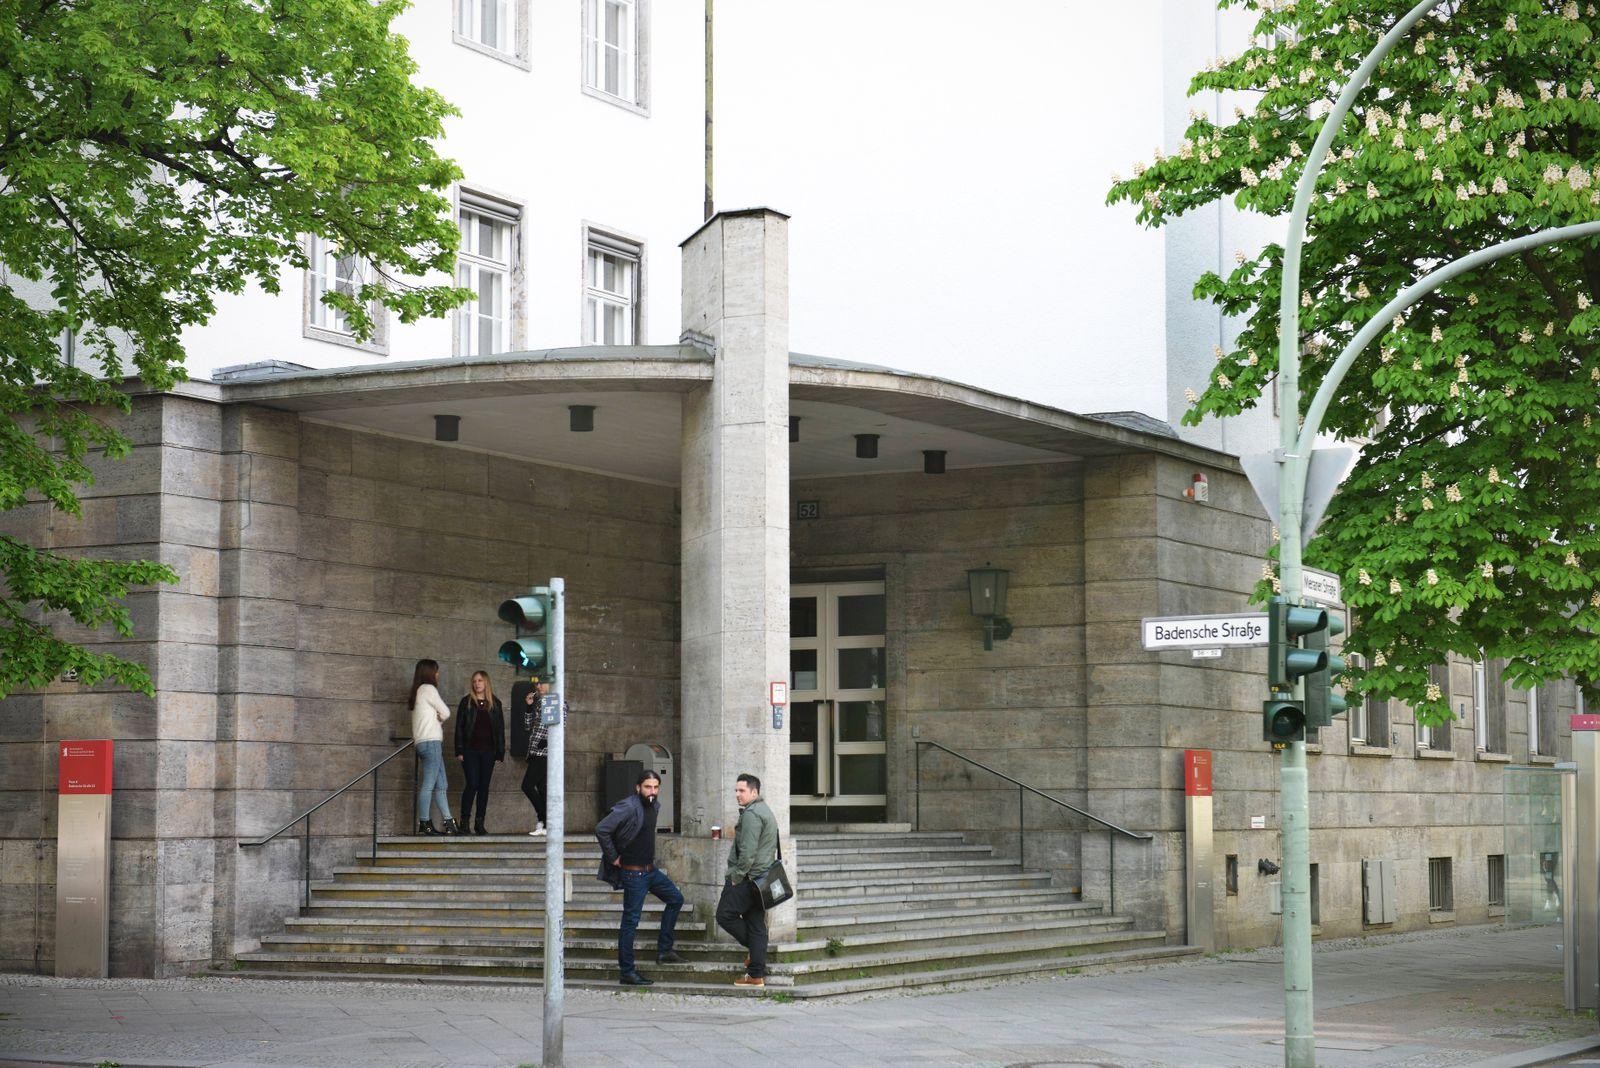 Hochschule f¸r Wirtschaft und Recht Badensche Strasse Schoeneberg Berlin Deutschland Hochschule